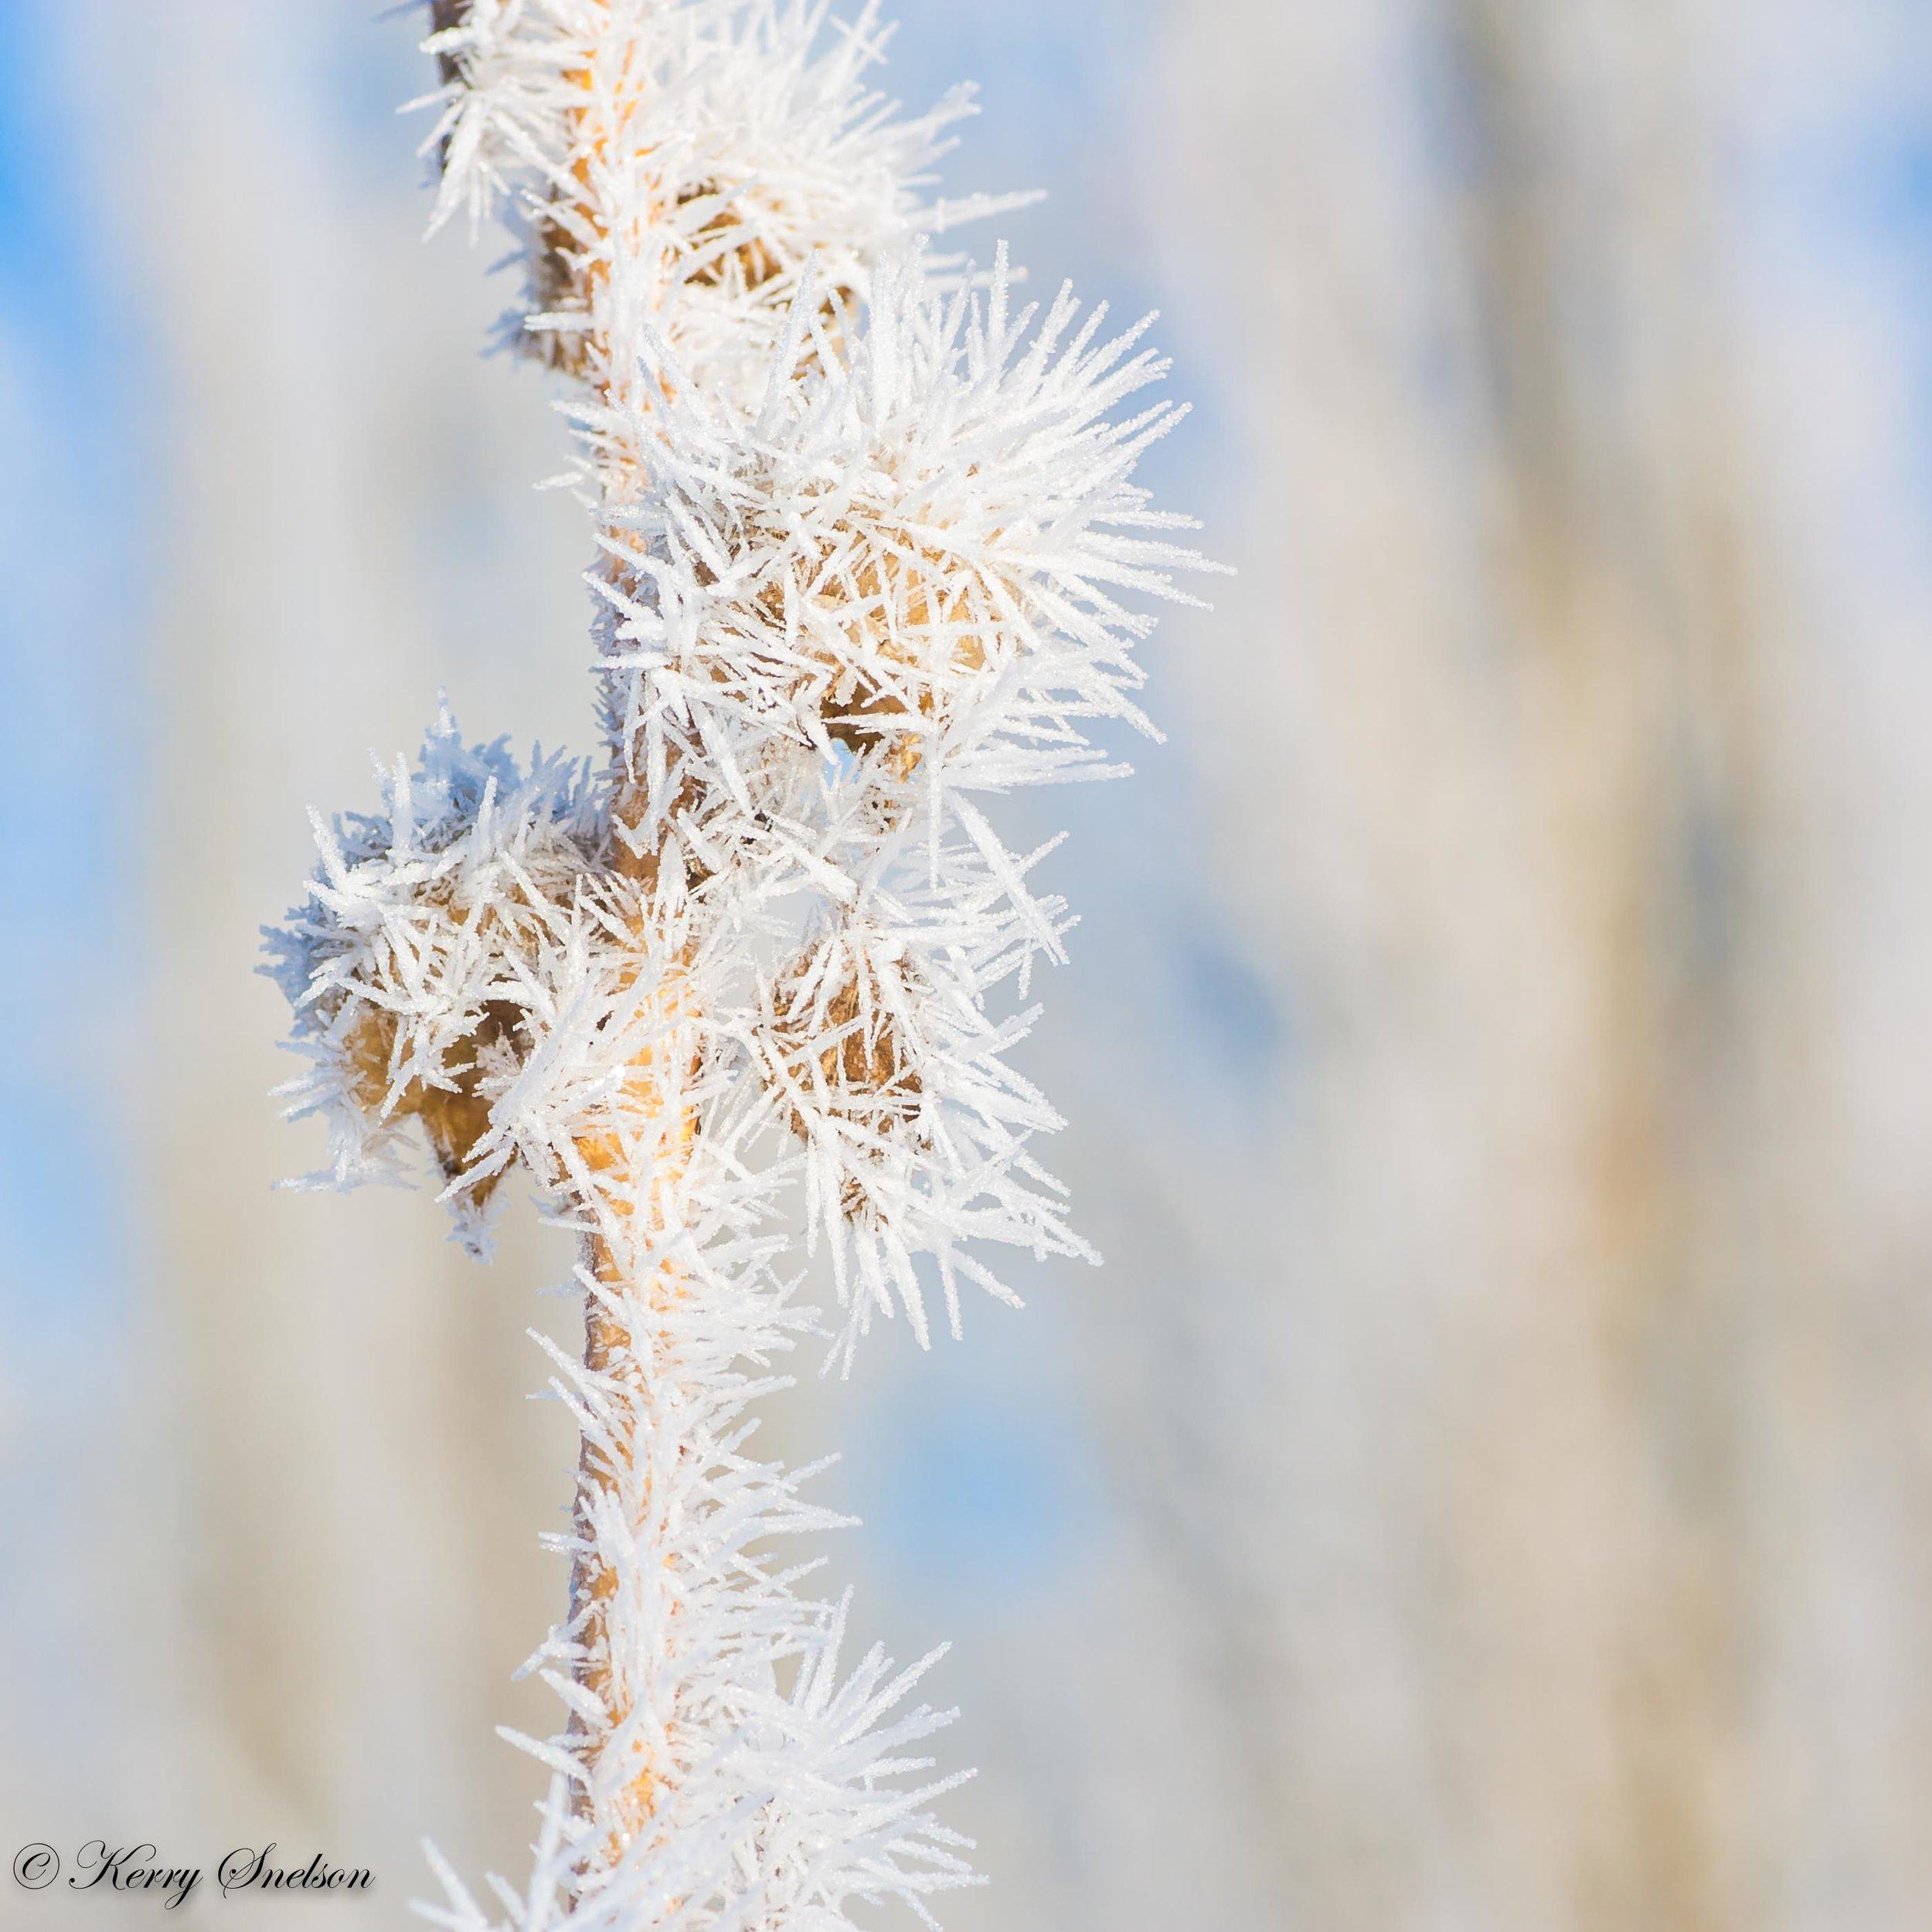 Winter Hoar Frost Macro